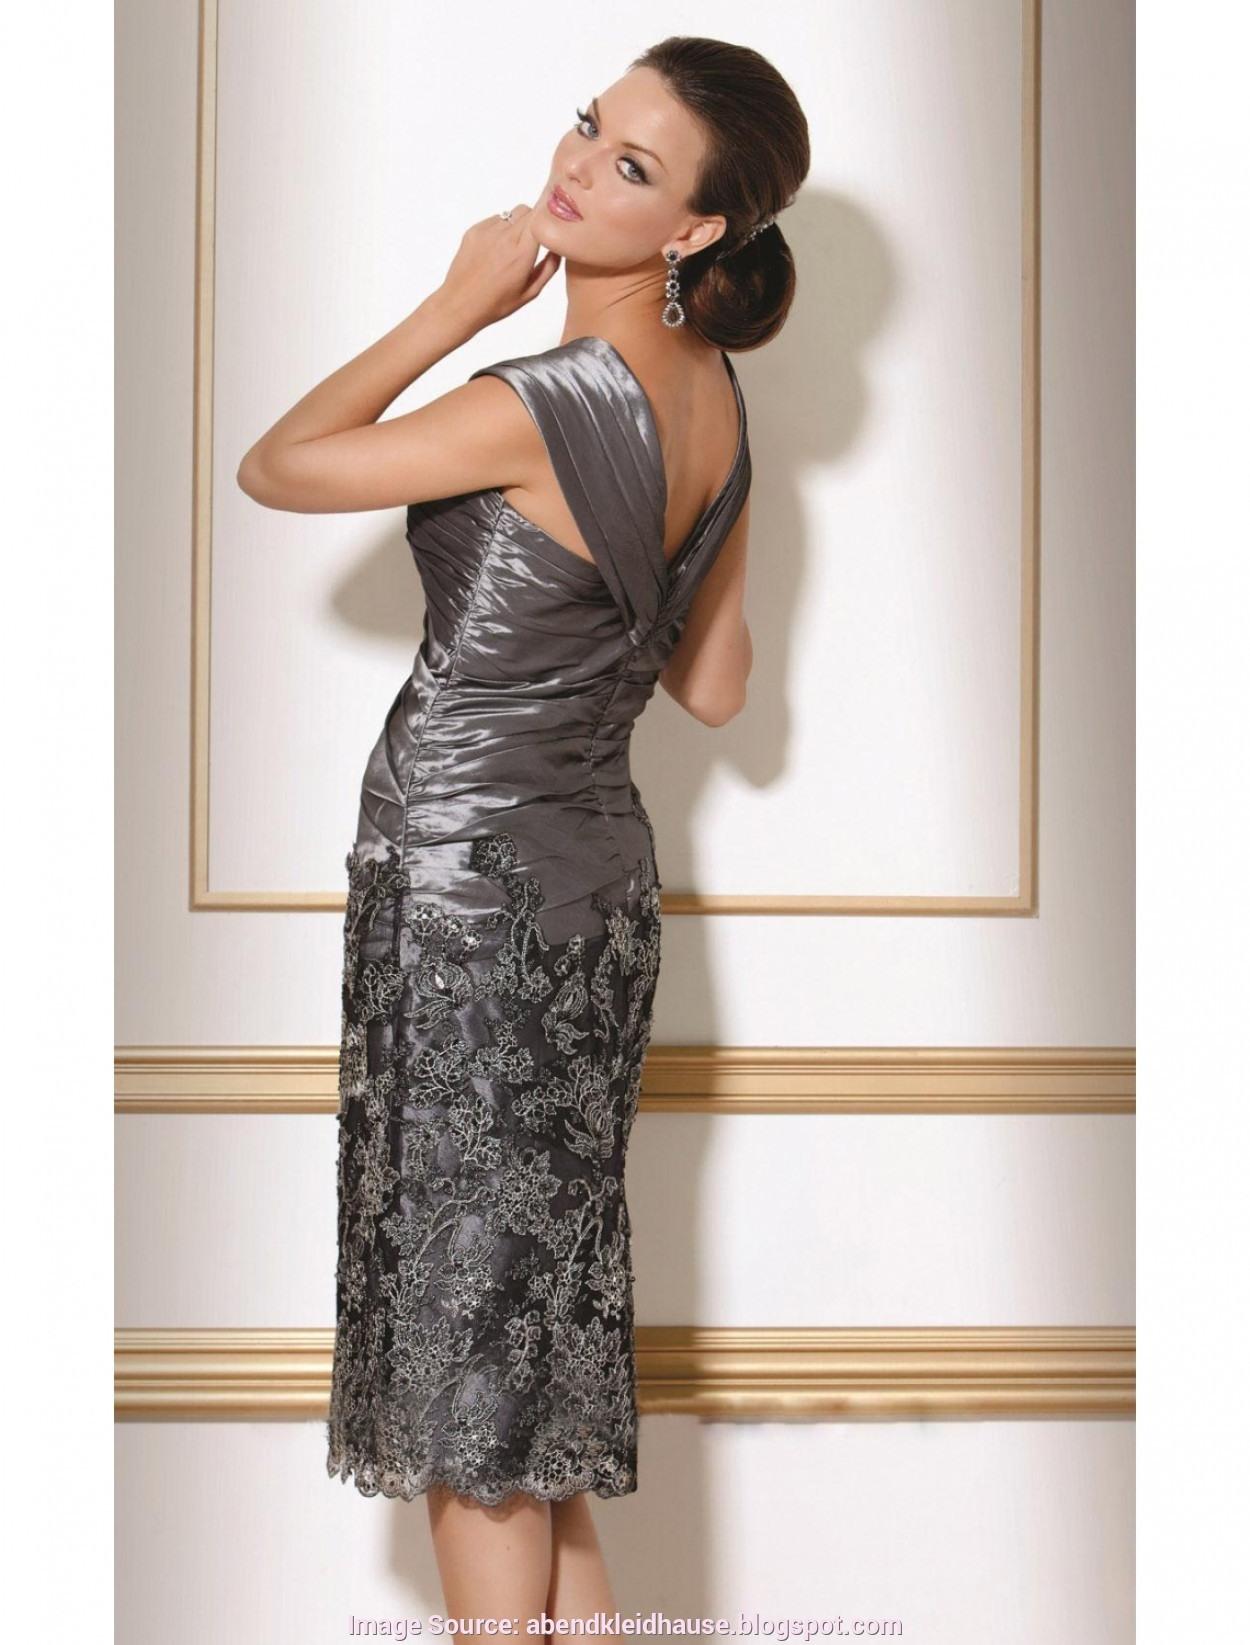 15 Einfach Festliche Kleider Für Brautmutter DesignAbend Ausgezeichnet Festliche Kleider Für Brautmutter Spezialgebiet